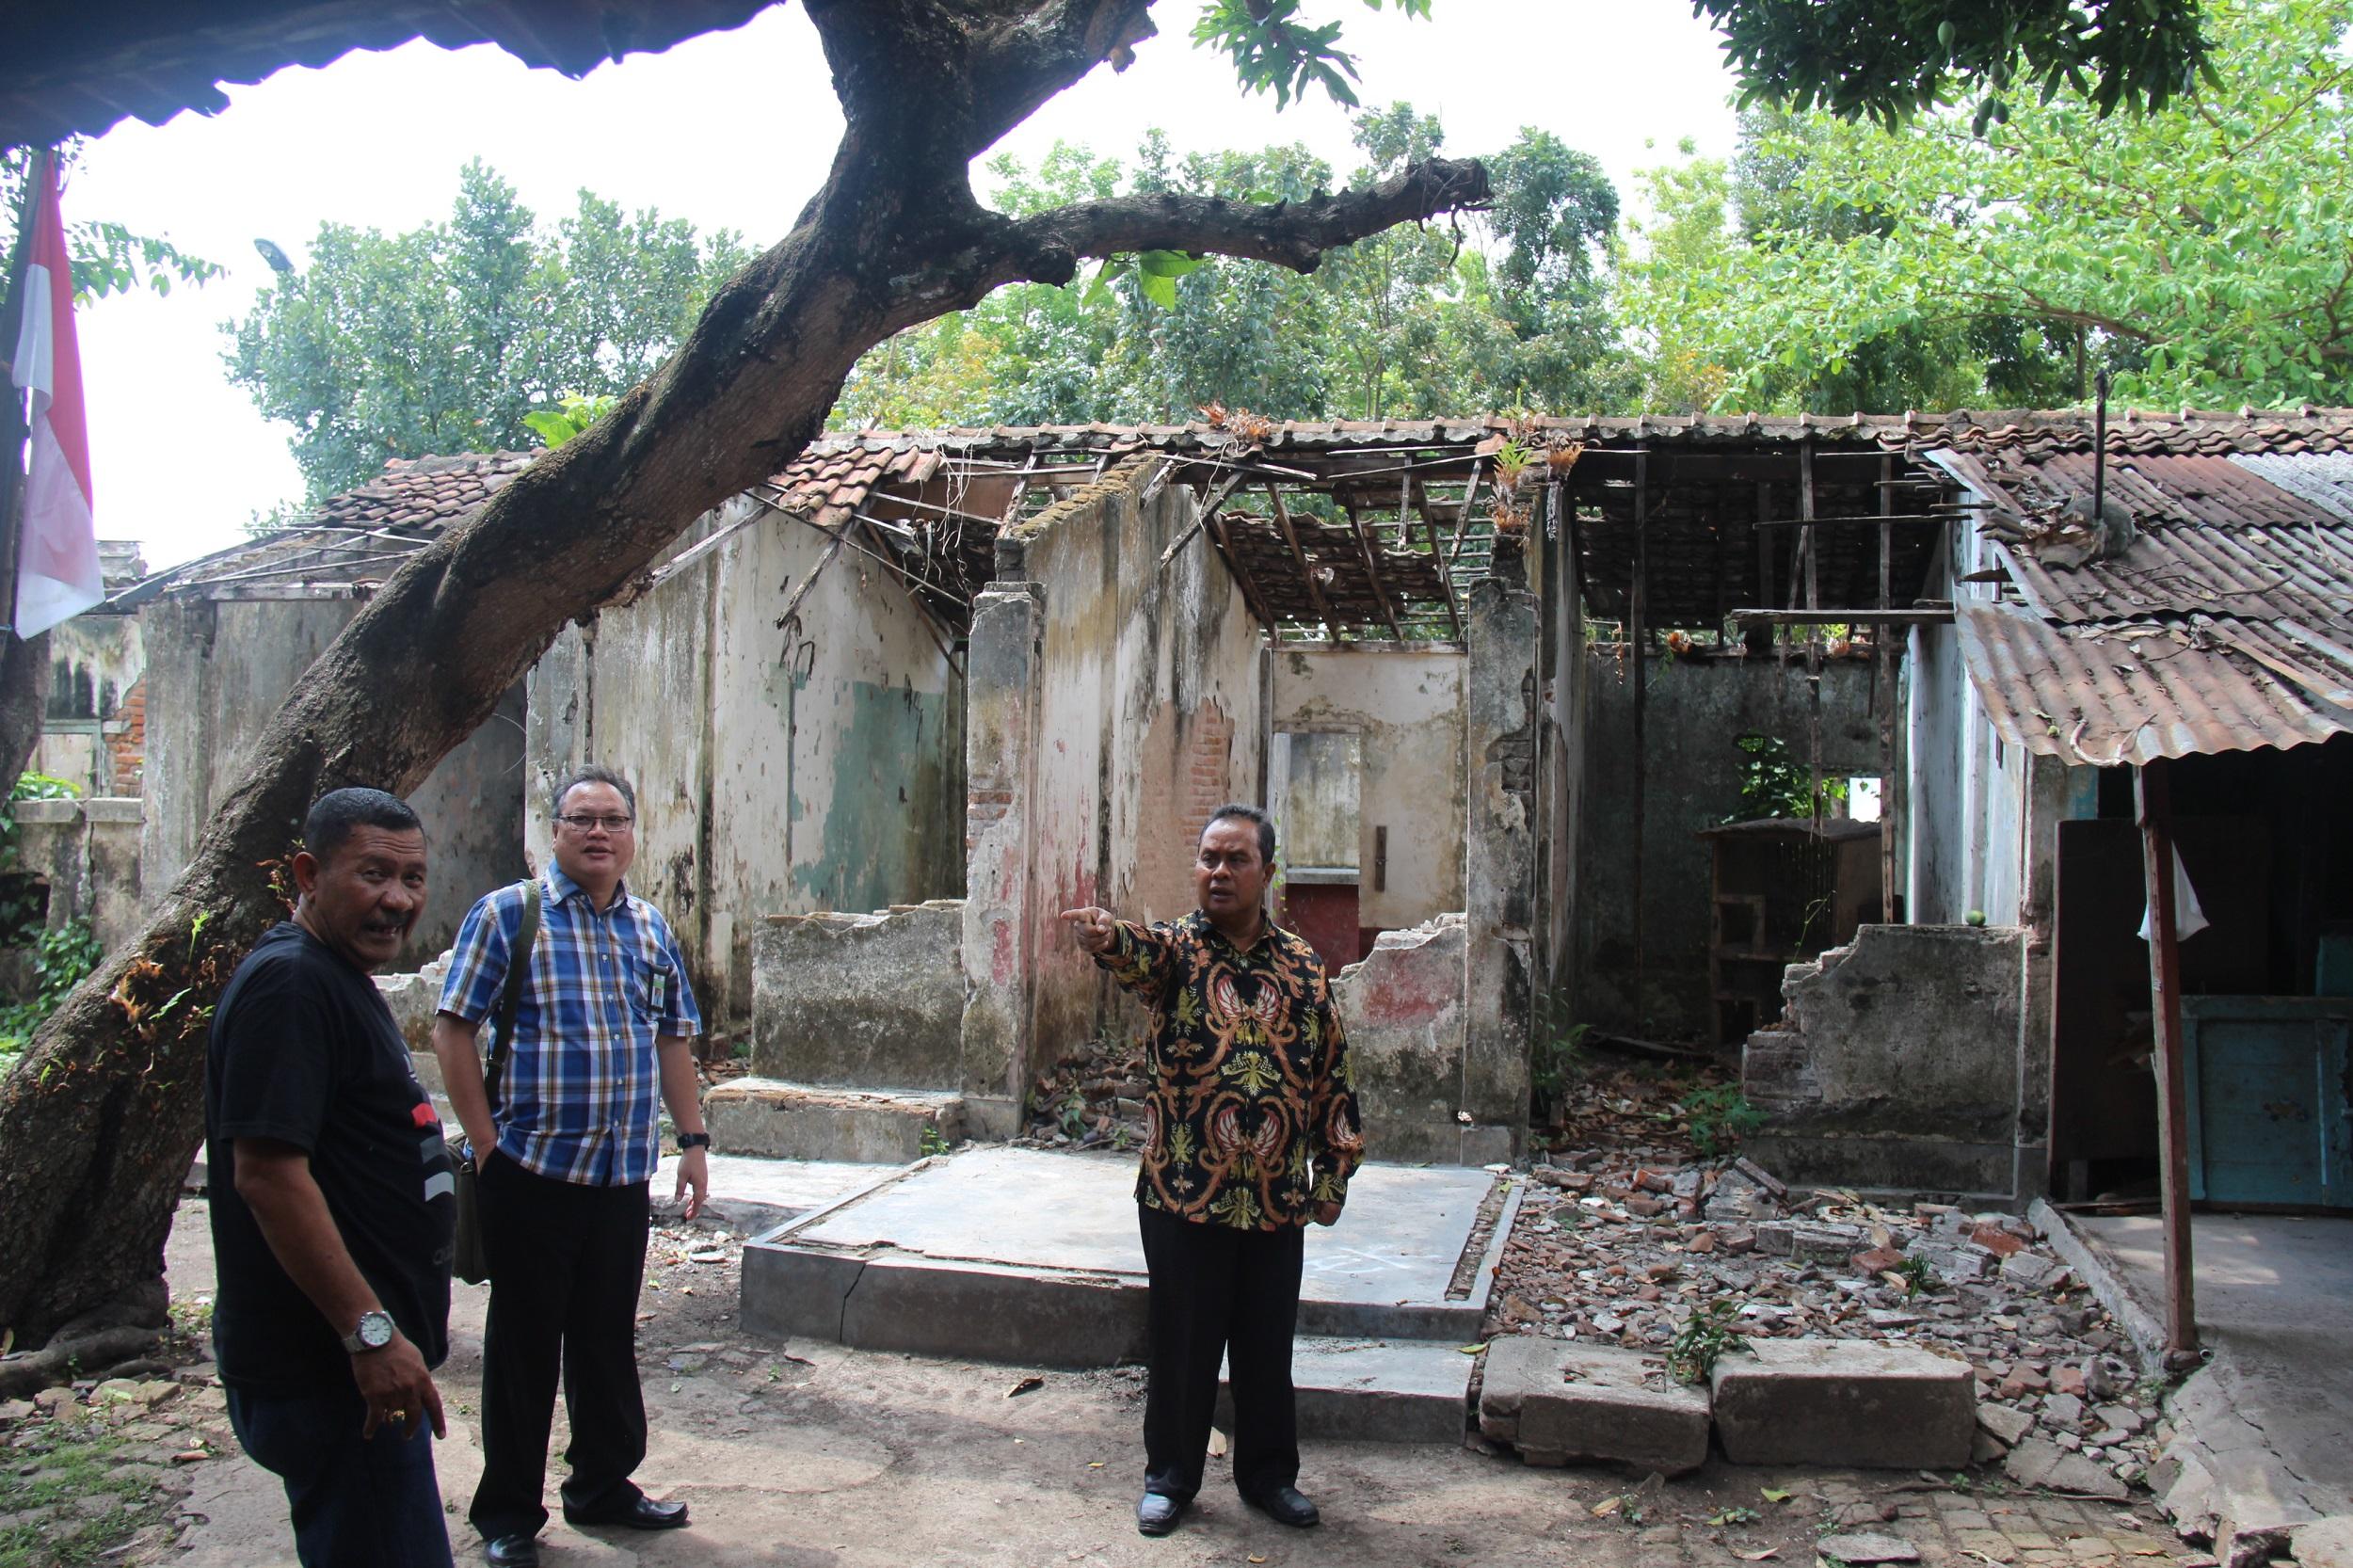 Pasca Gempa Lombok Kakanwil DJKN Balinusra Tinjau Aset Negara eks Pengelolaan PT. PPA